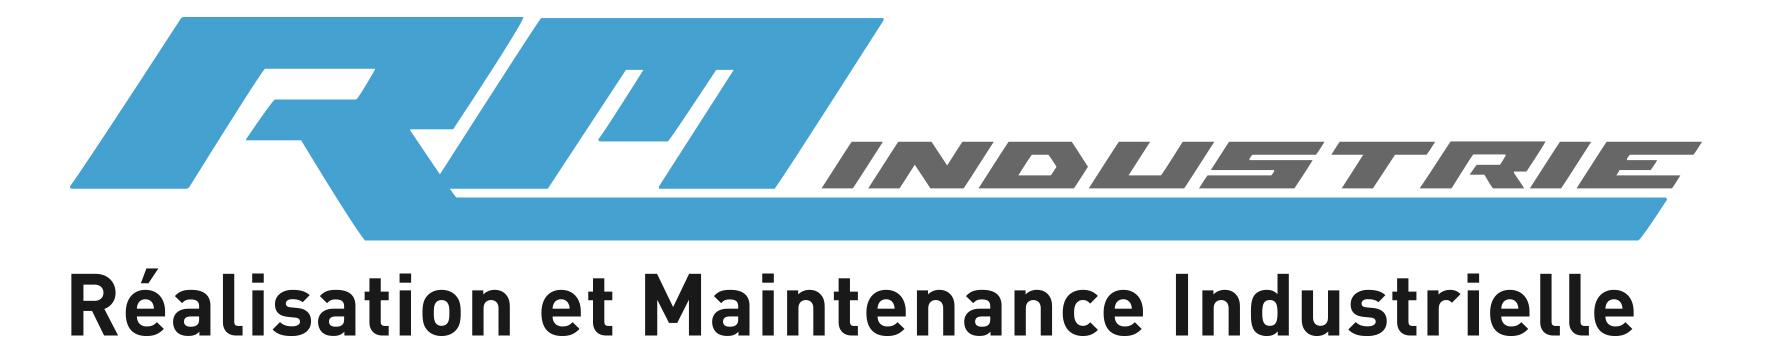 Maintenance et Réalisation Industrielle